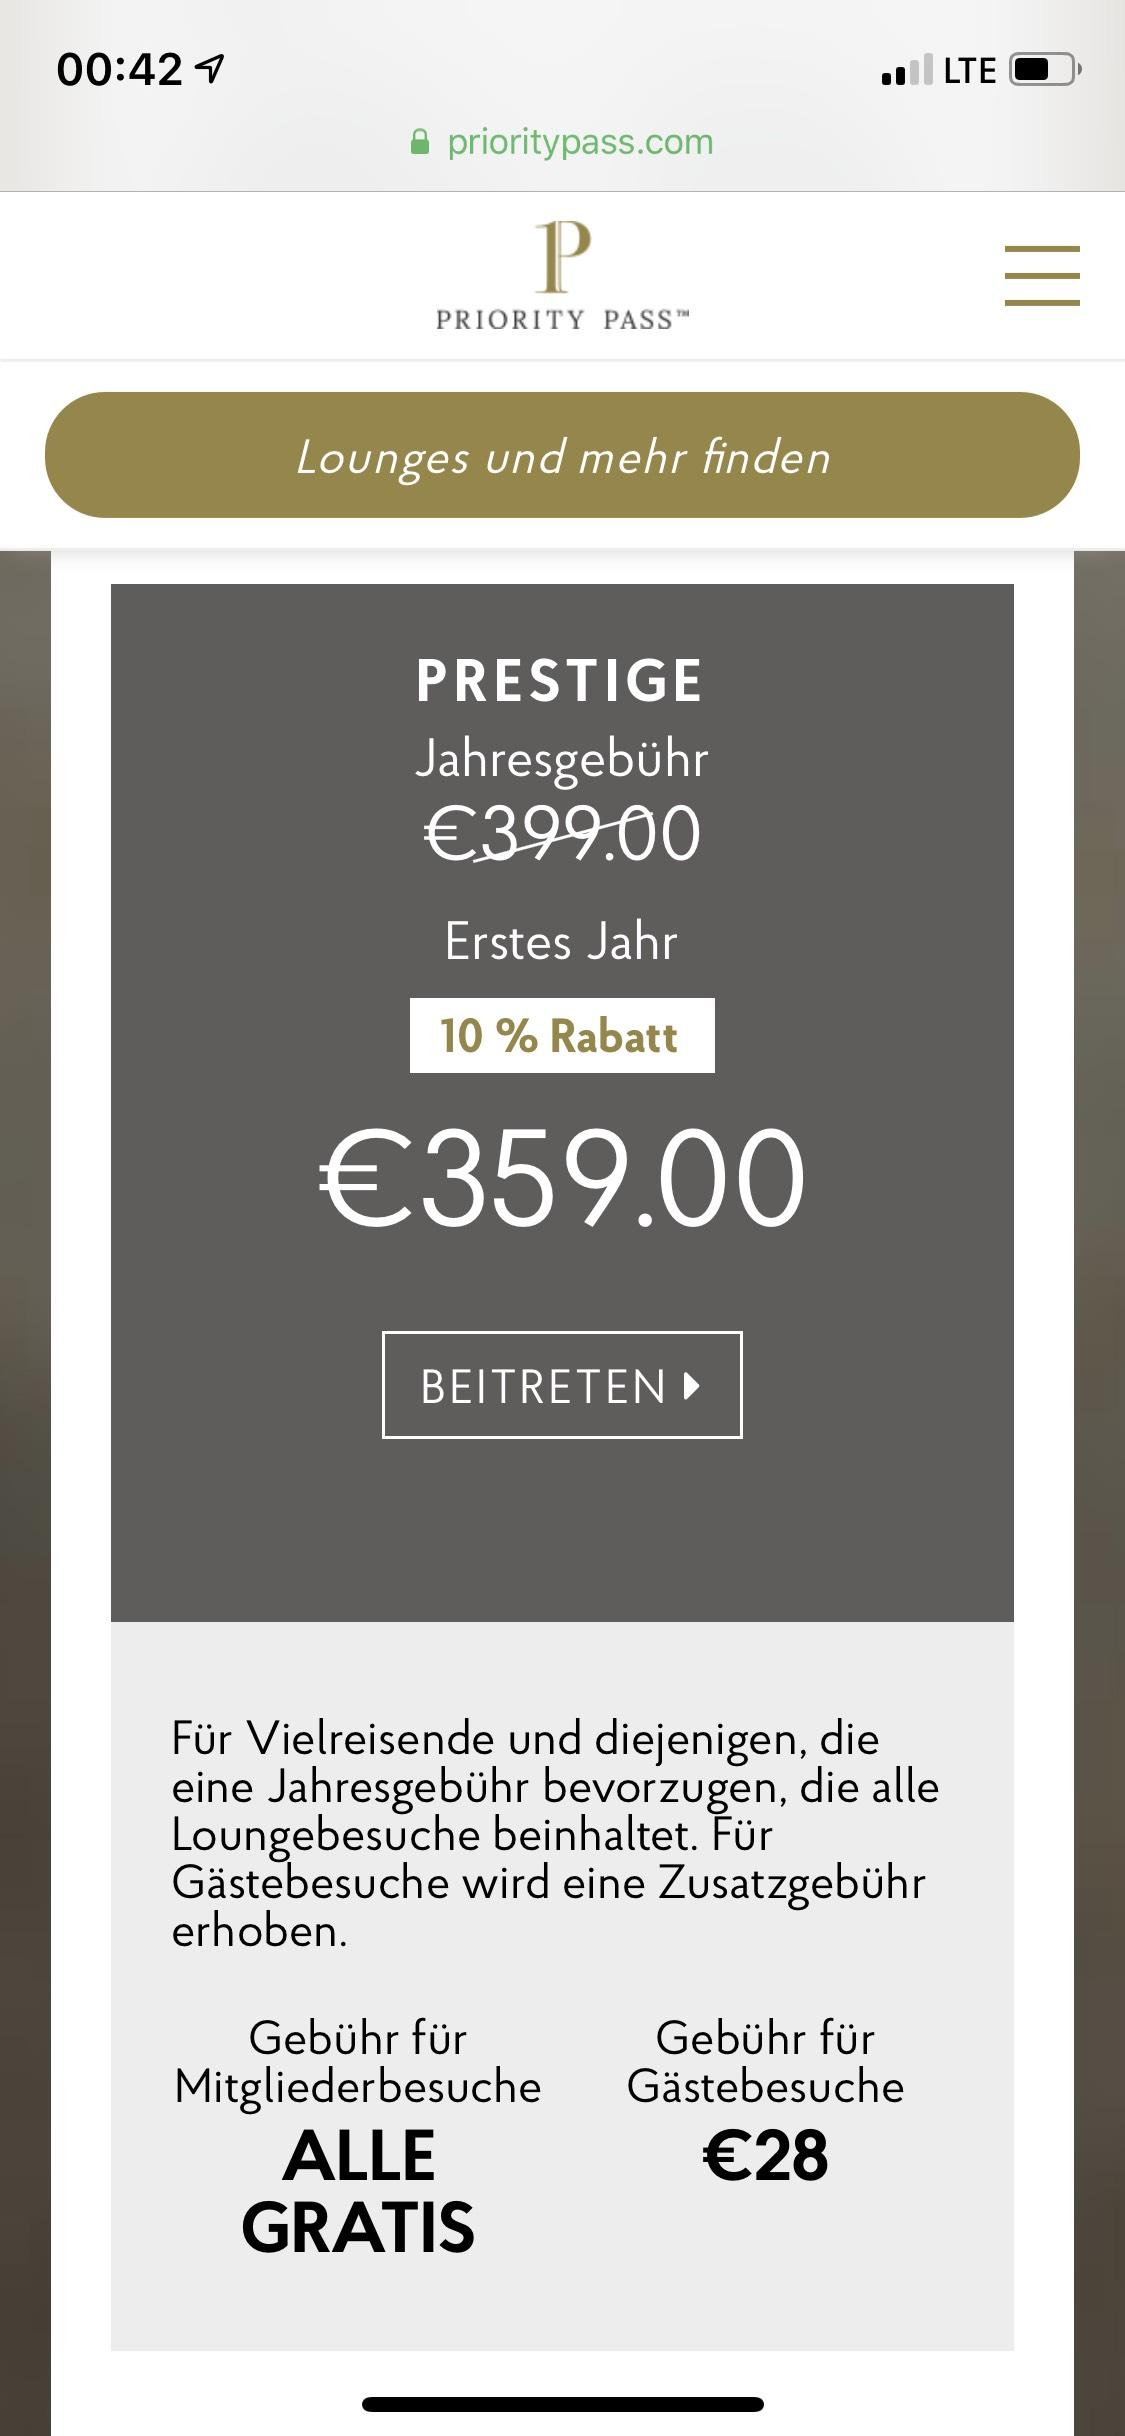 Priority pass 10% Rabat für das 1 Jahr!